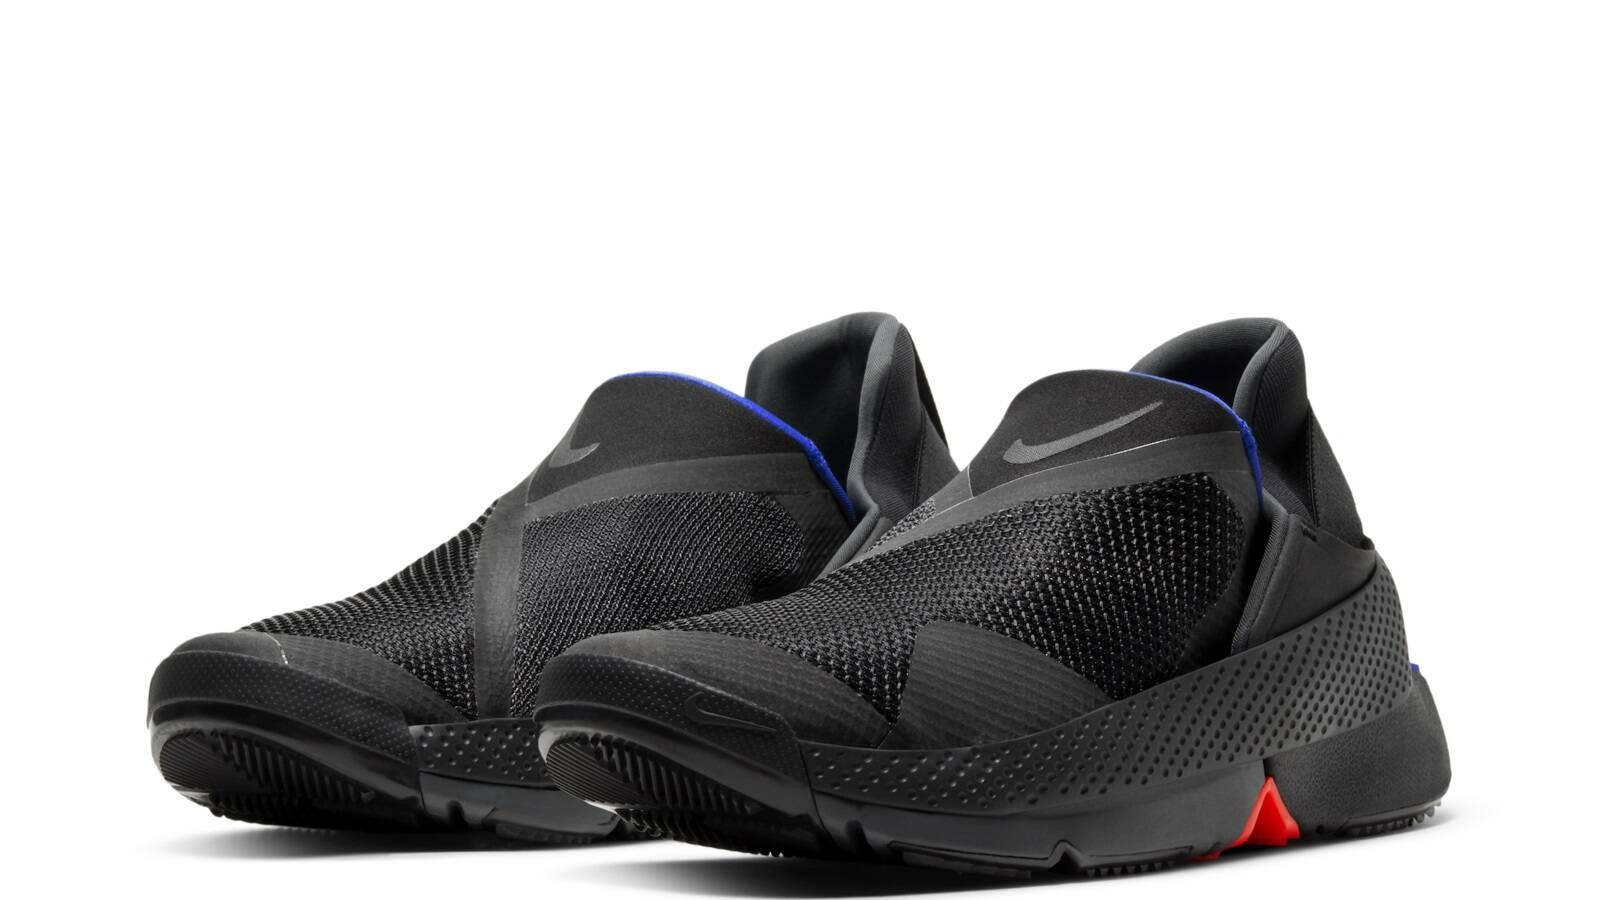 Novo tênis da Nike pode ser calçado e retirado sem usar as mãos